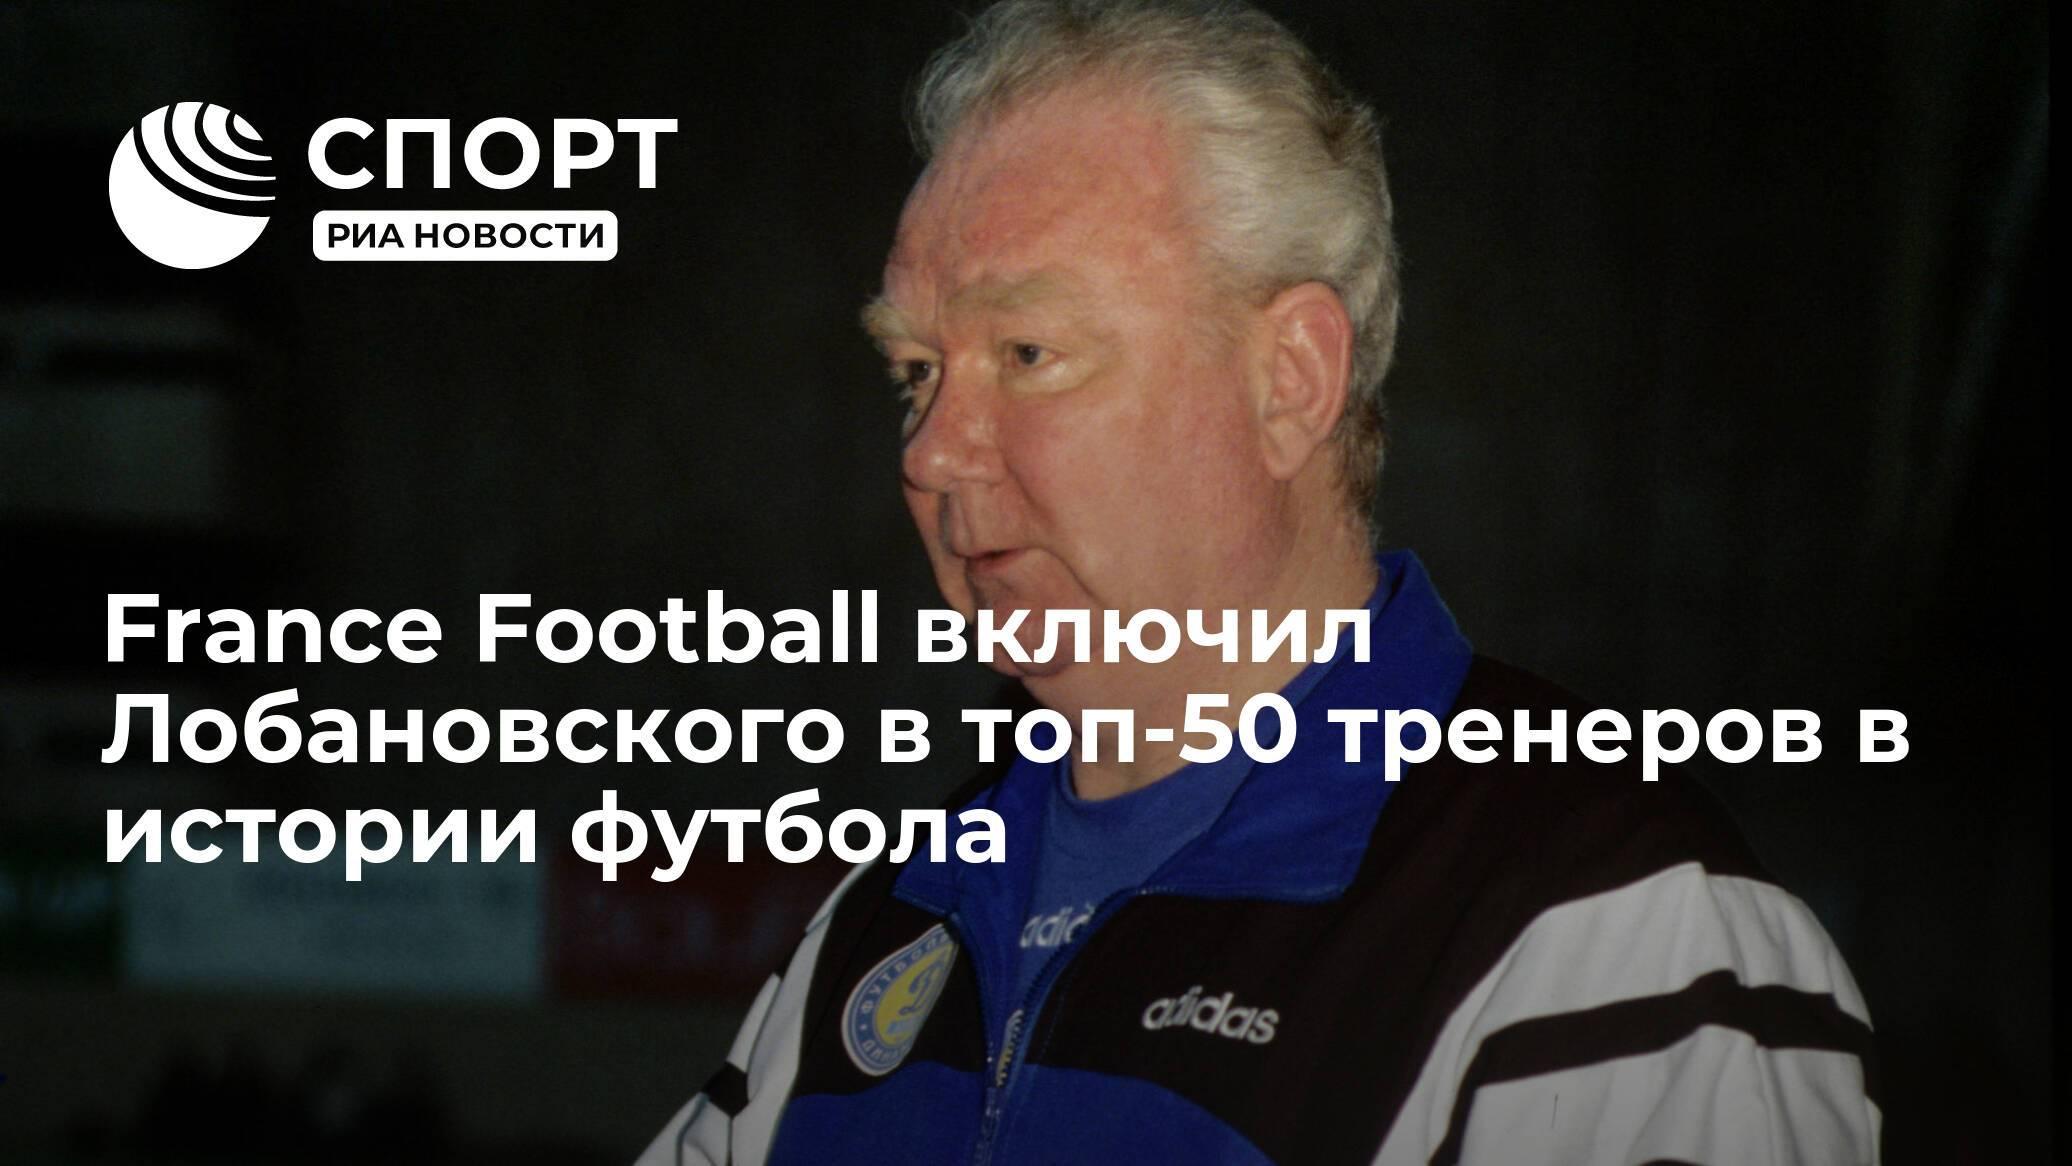 Валерий лобановский — фото, биография, футболист, личная жизнь, причина смерти - 24сми